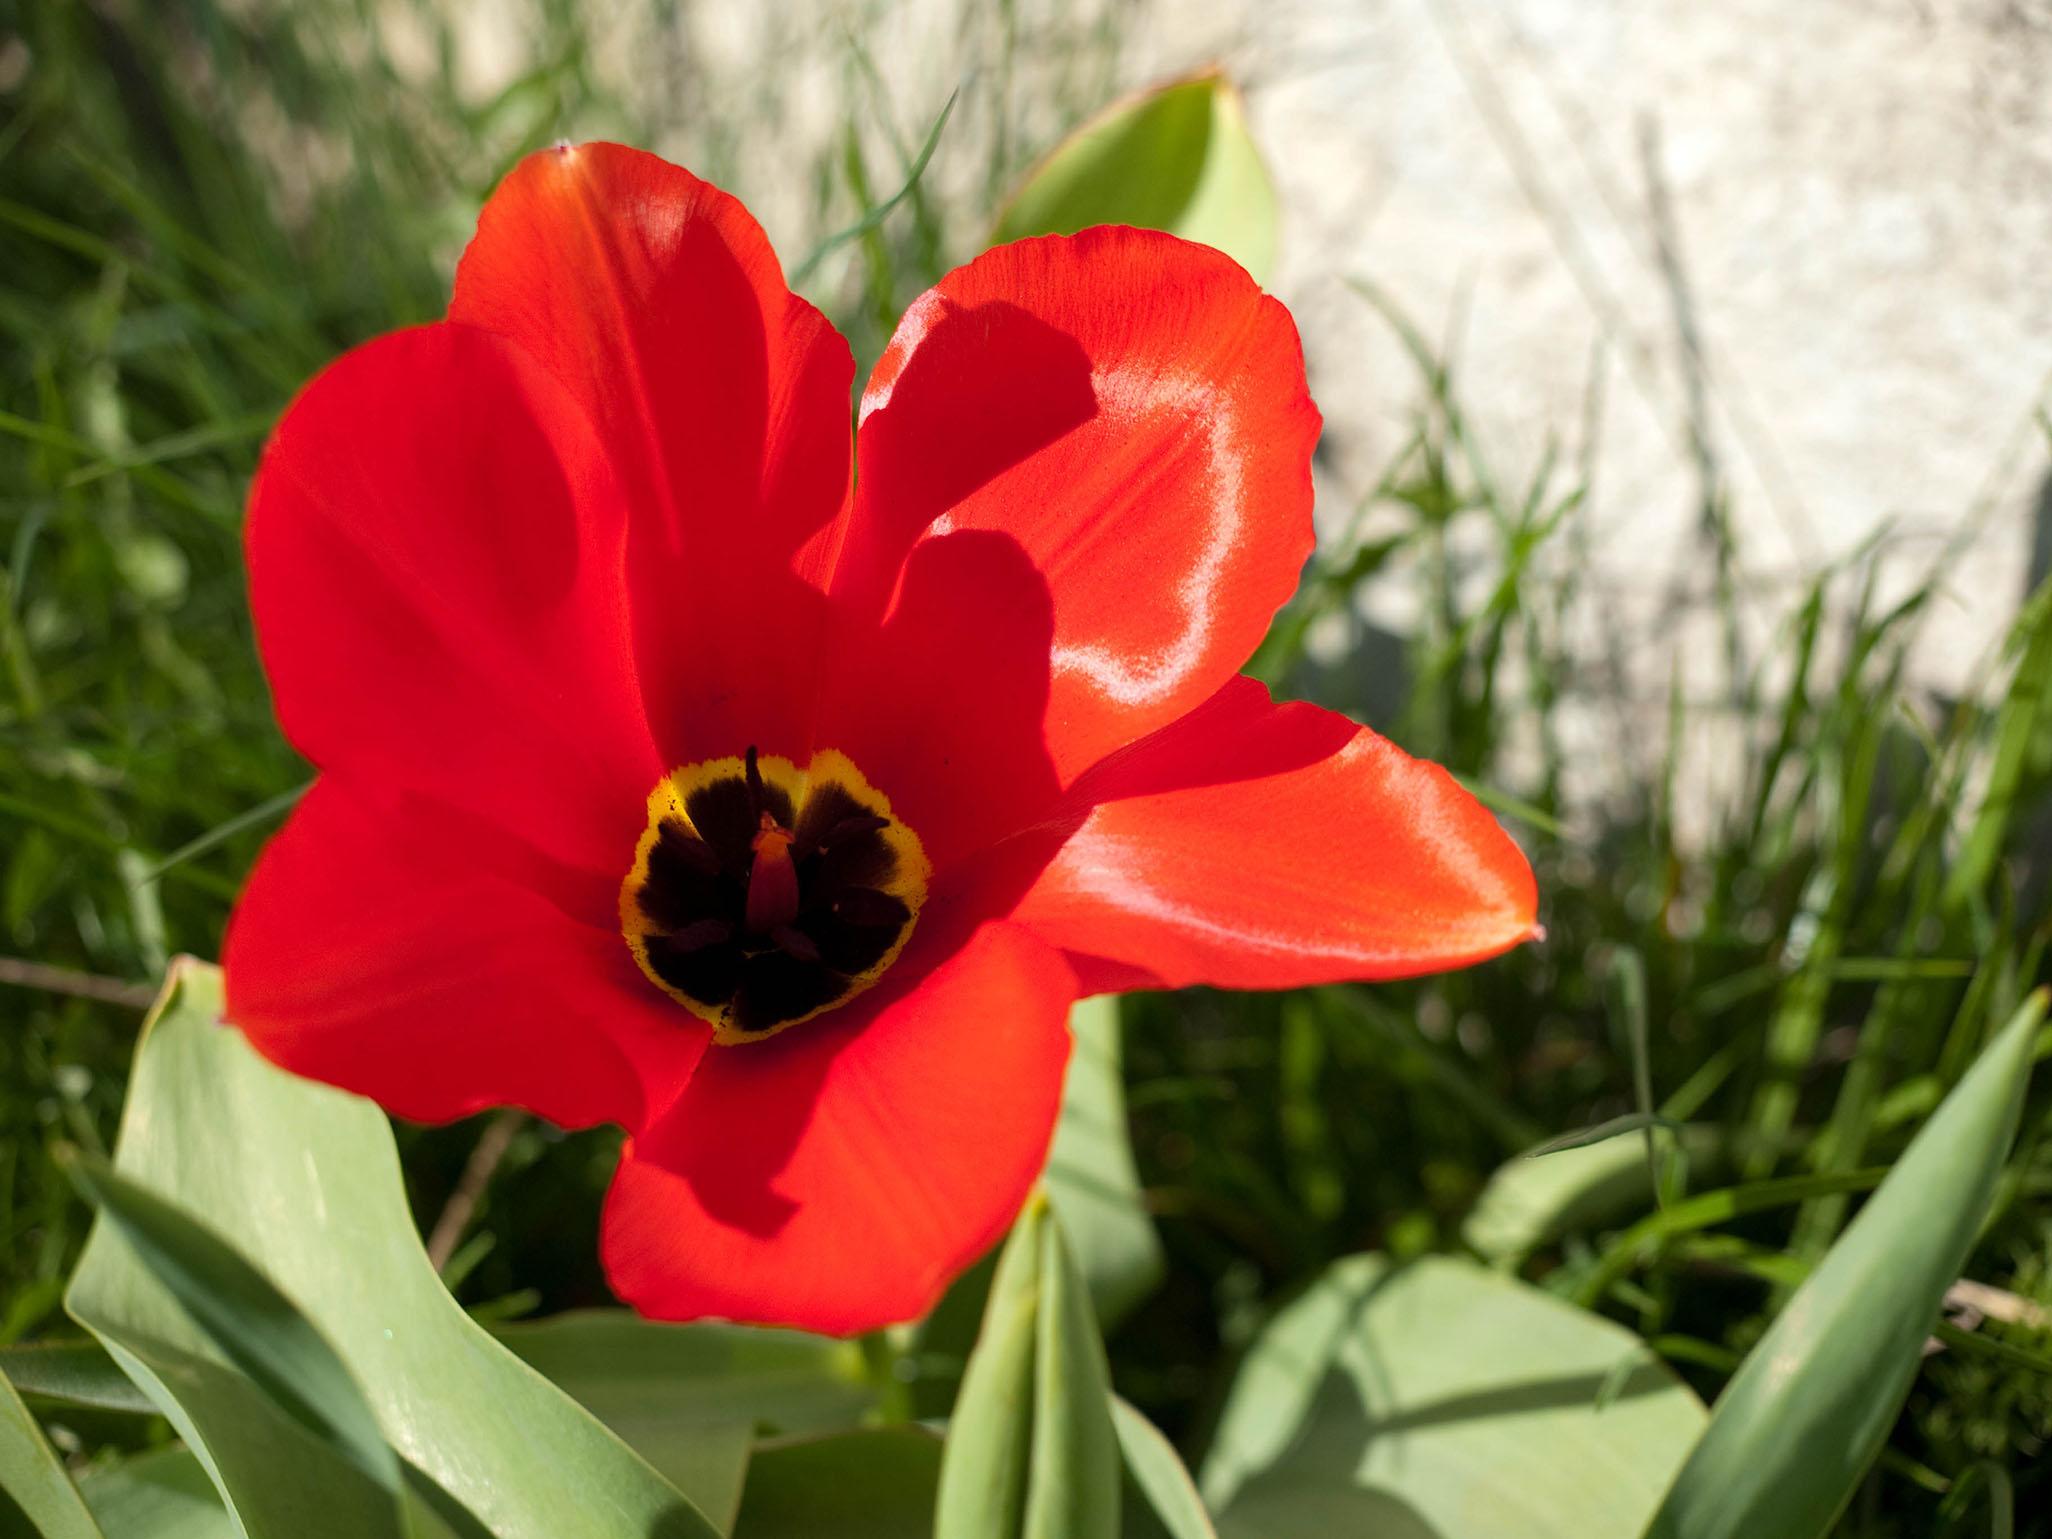 Blommor och bin…i alla fall blommor